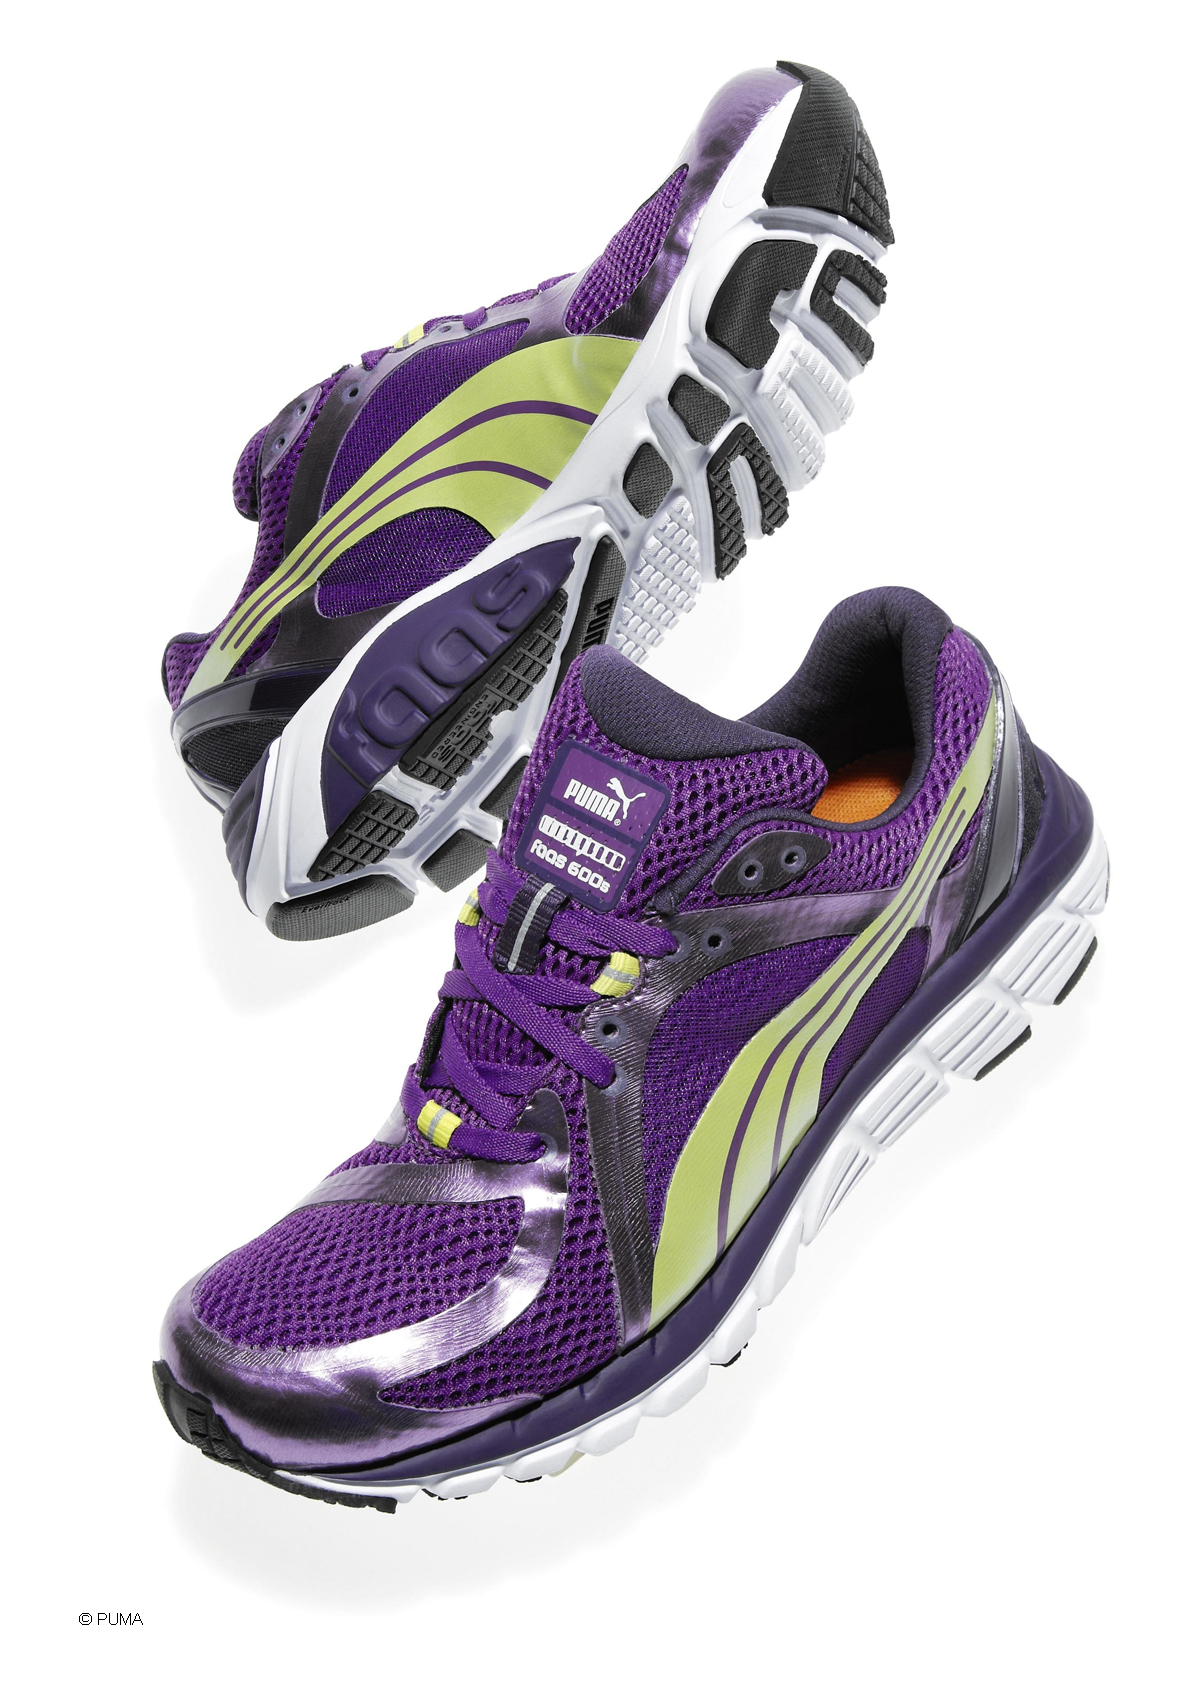 Neue Damen Laufschuhe von Puma. 3 Modelle nur für Frauen!